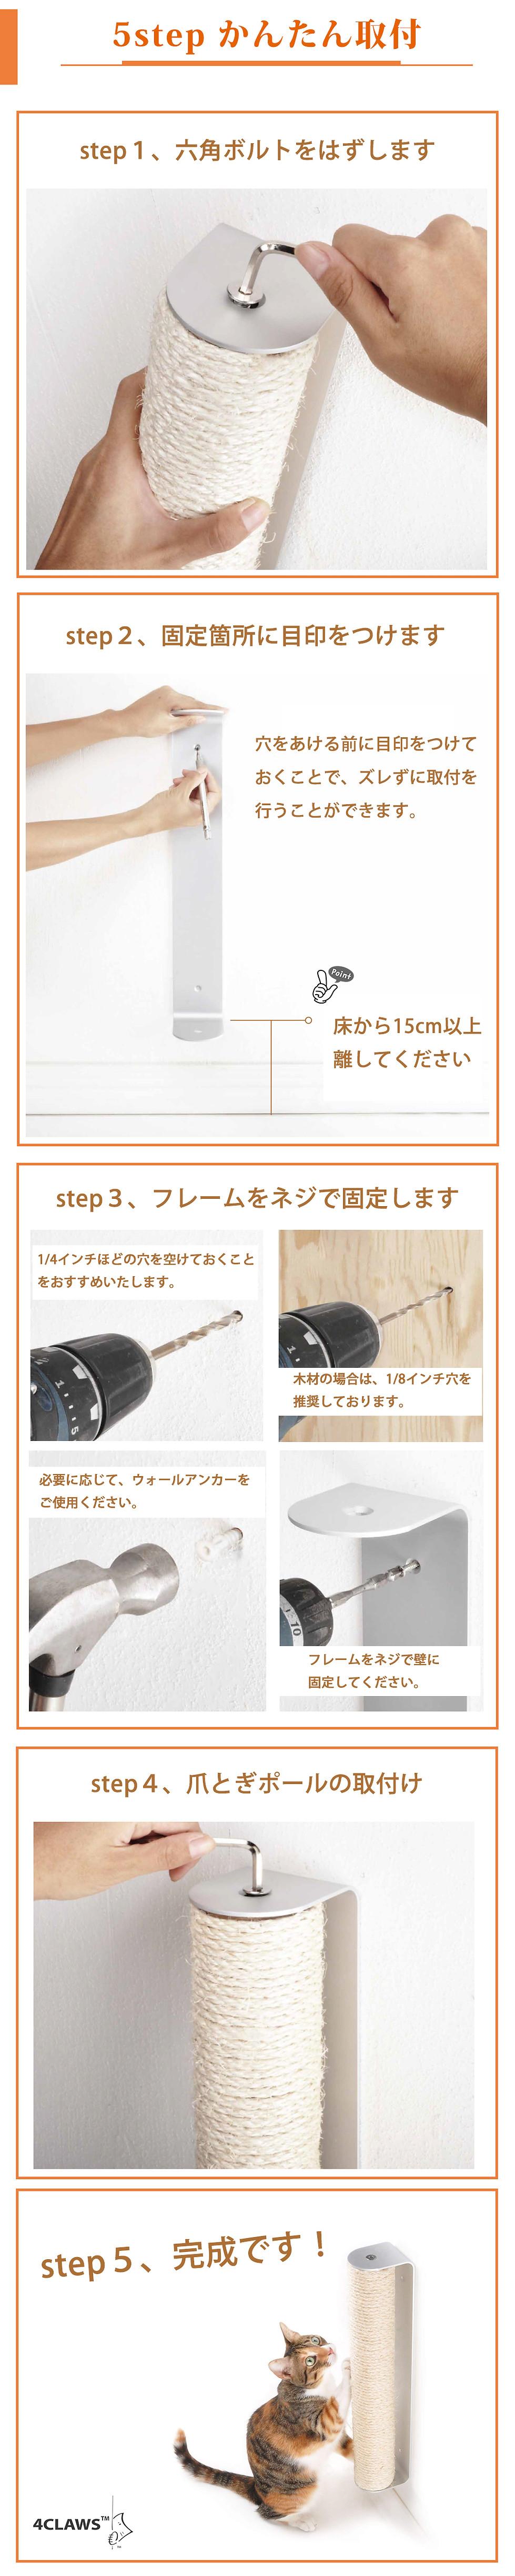 組立説明2.jpg